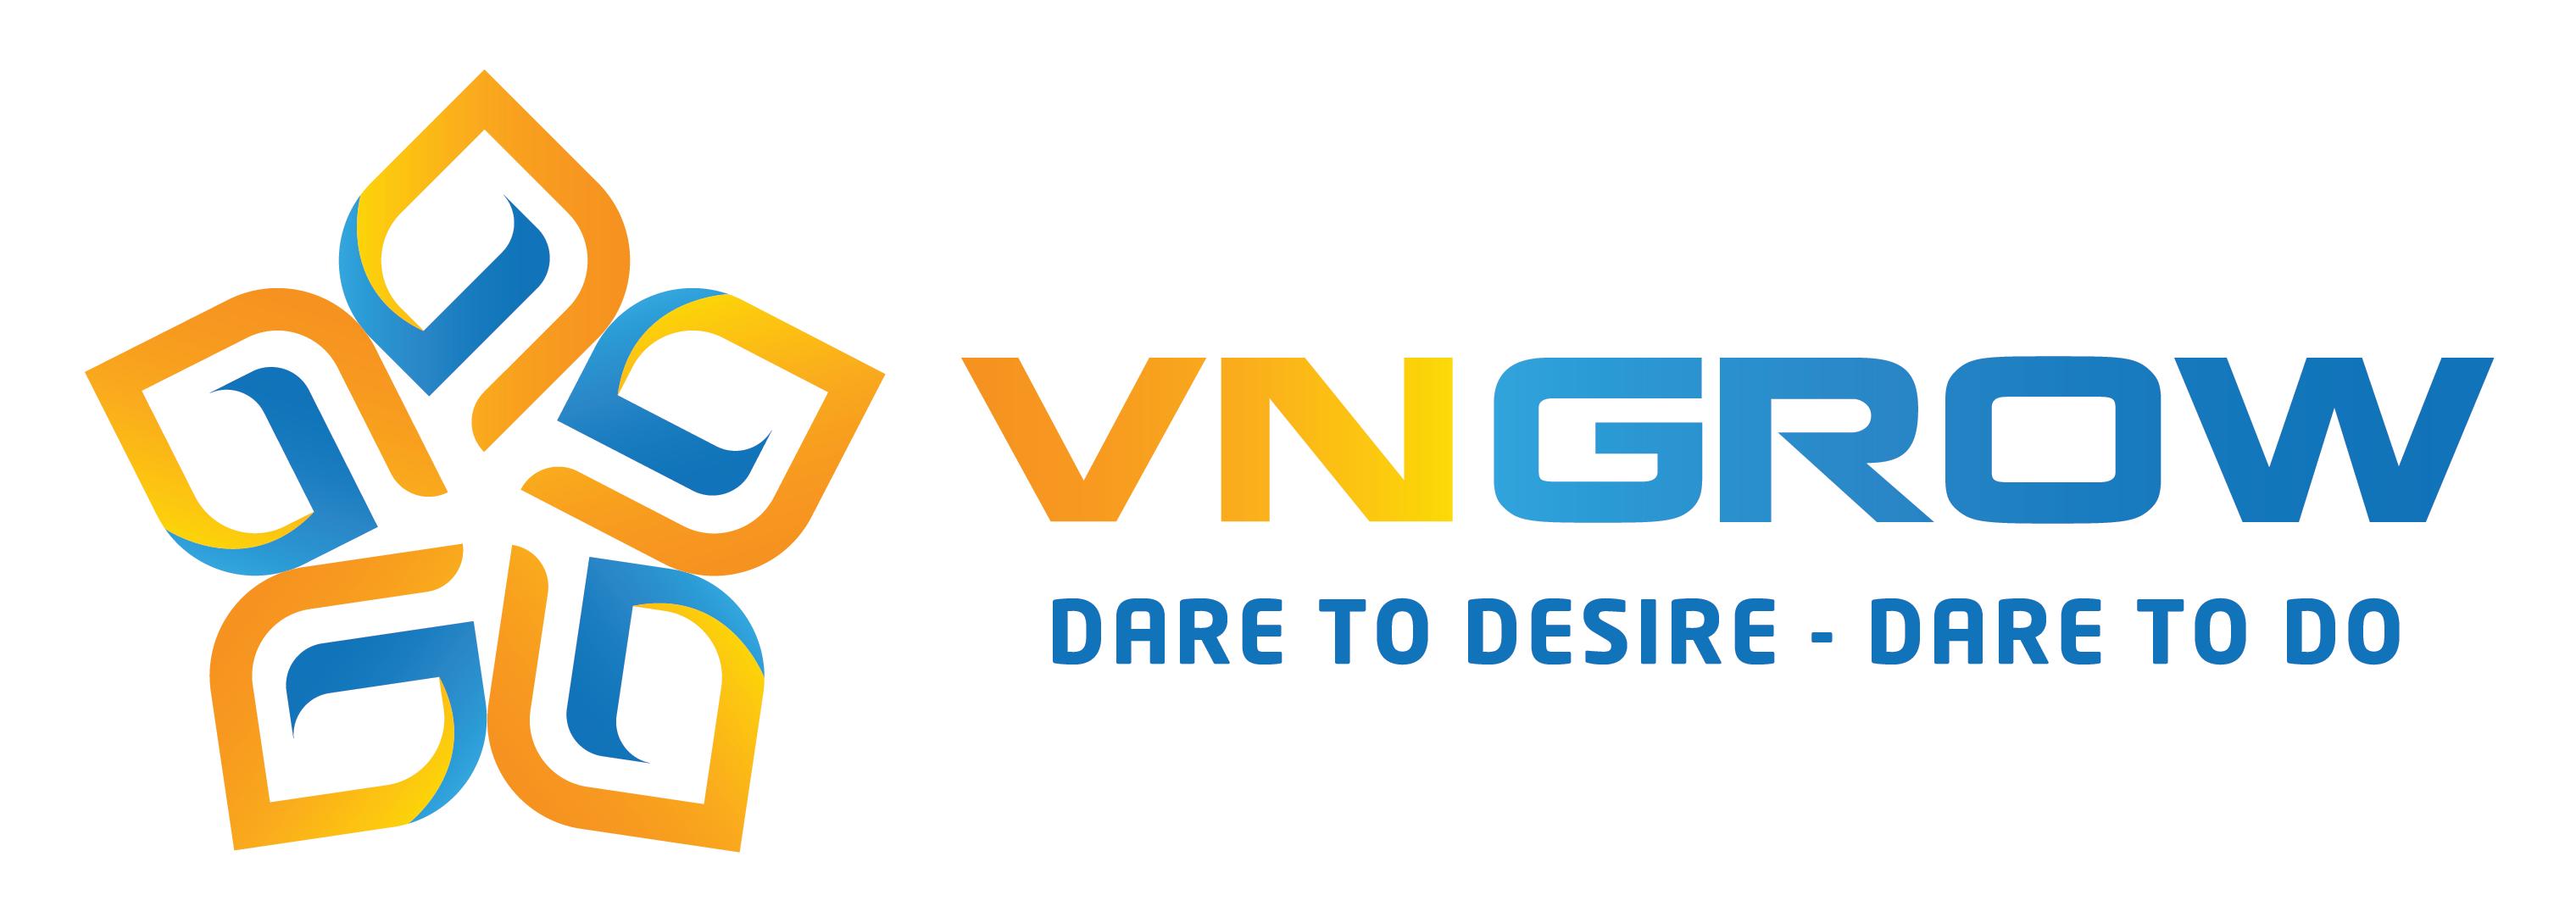 Vngrow Co., Ltd – Dare to desire – Dare to do